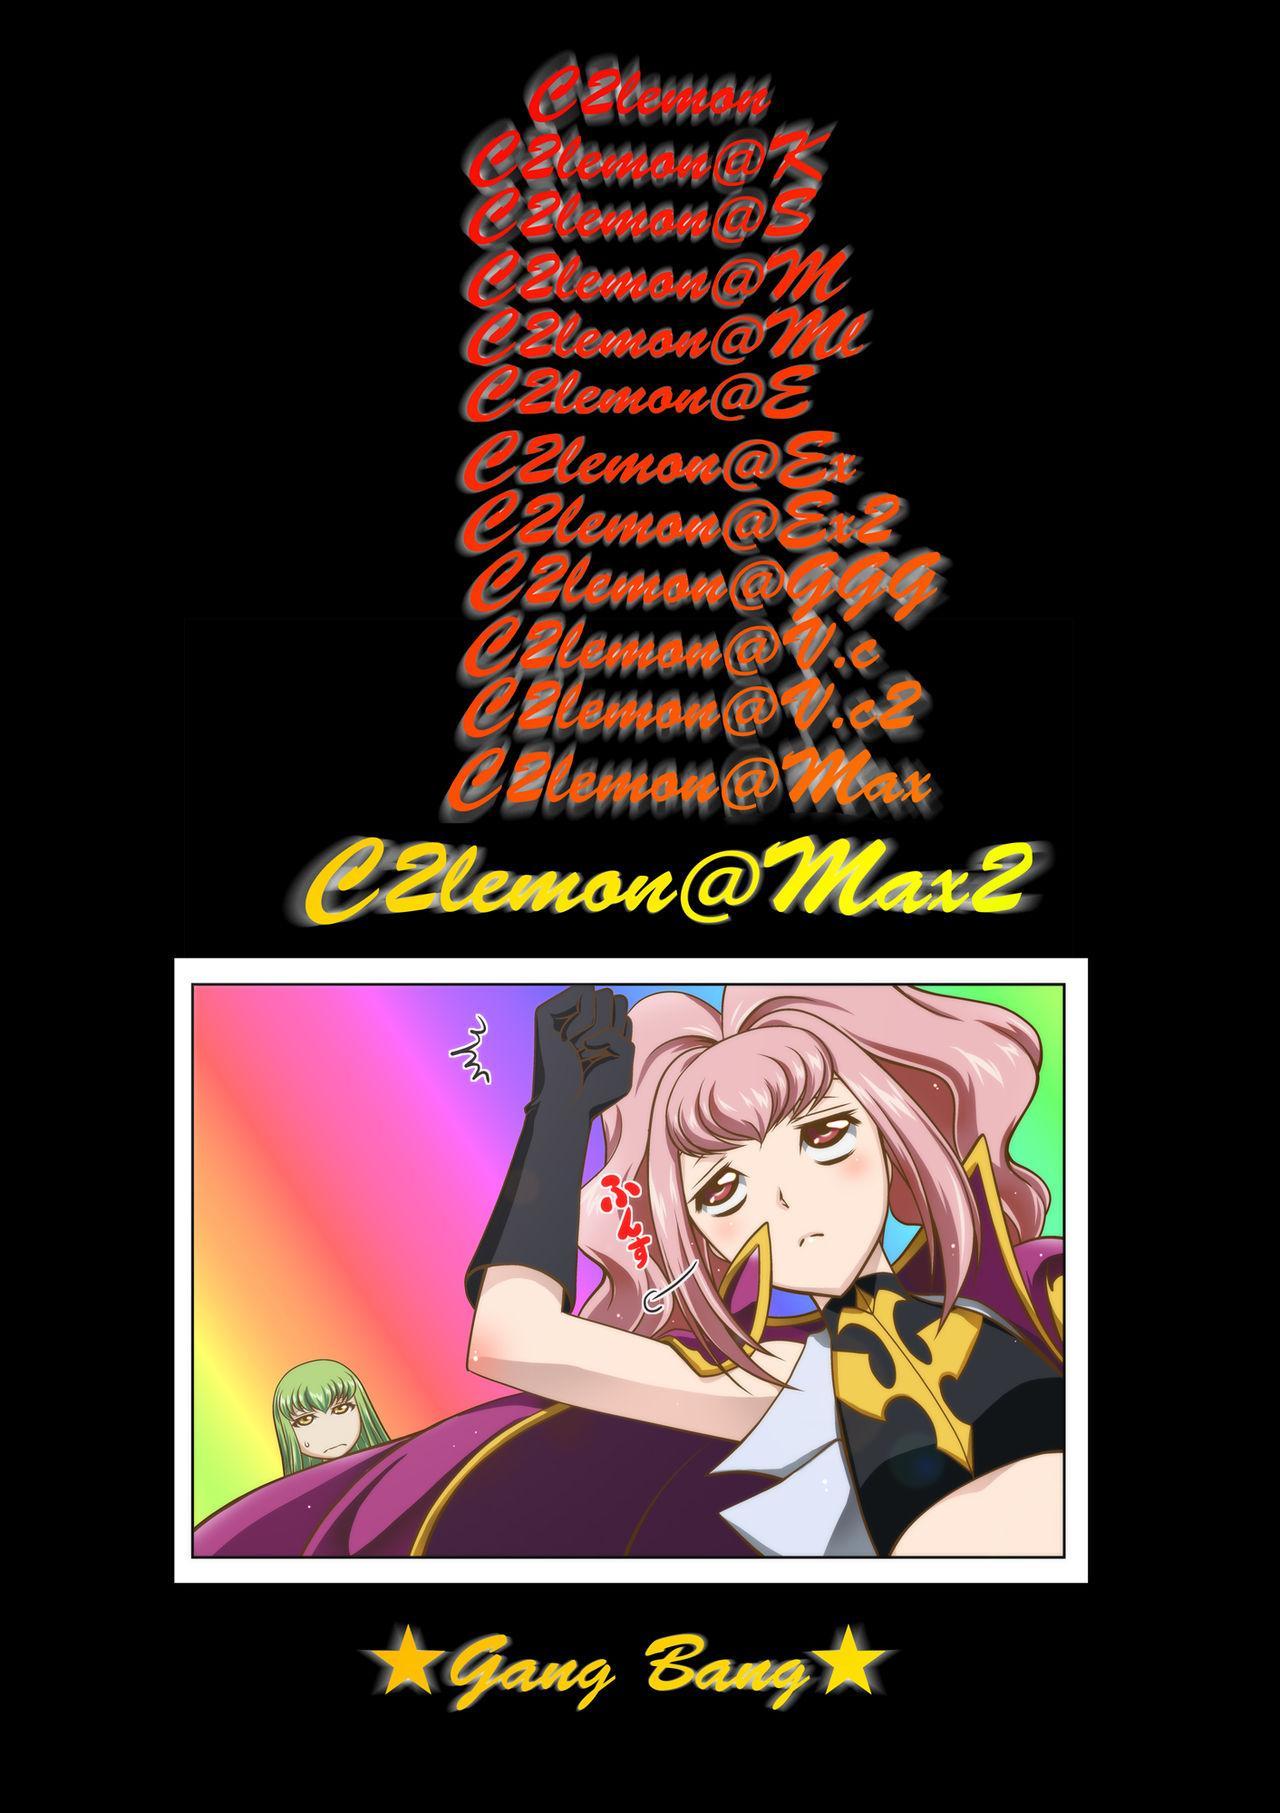 C2lemon@Max 2 28